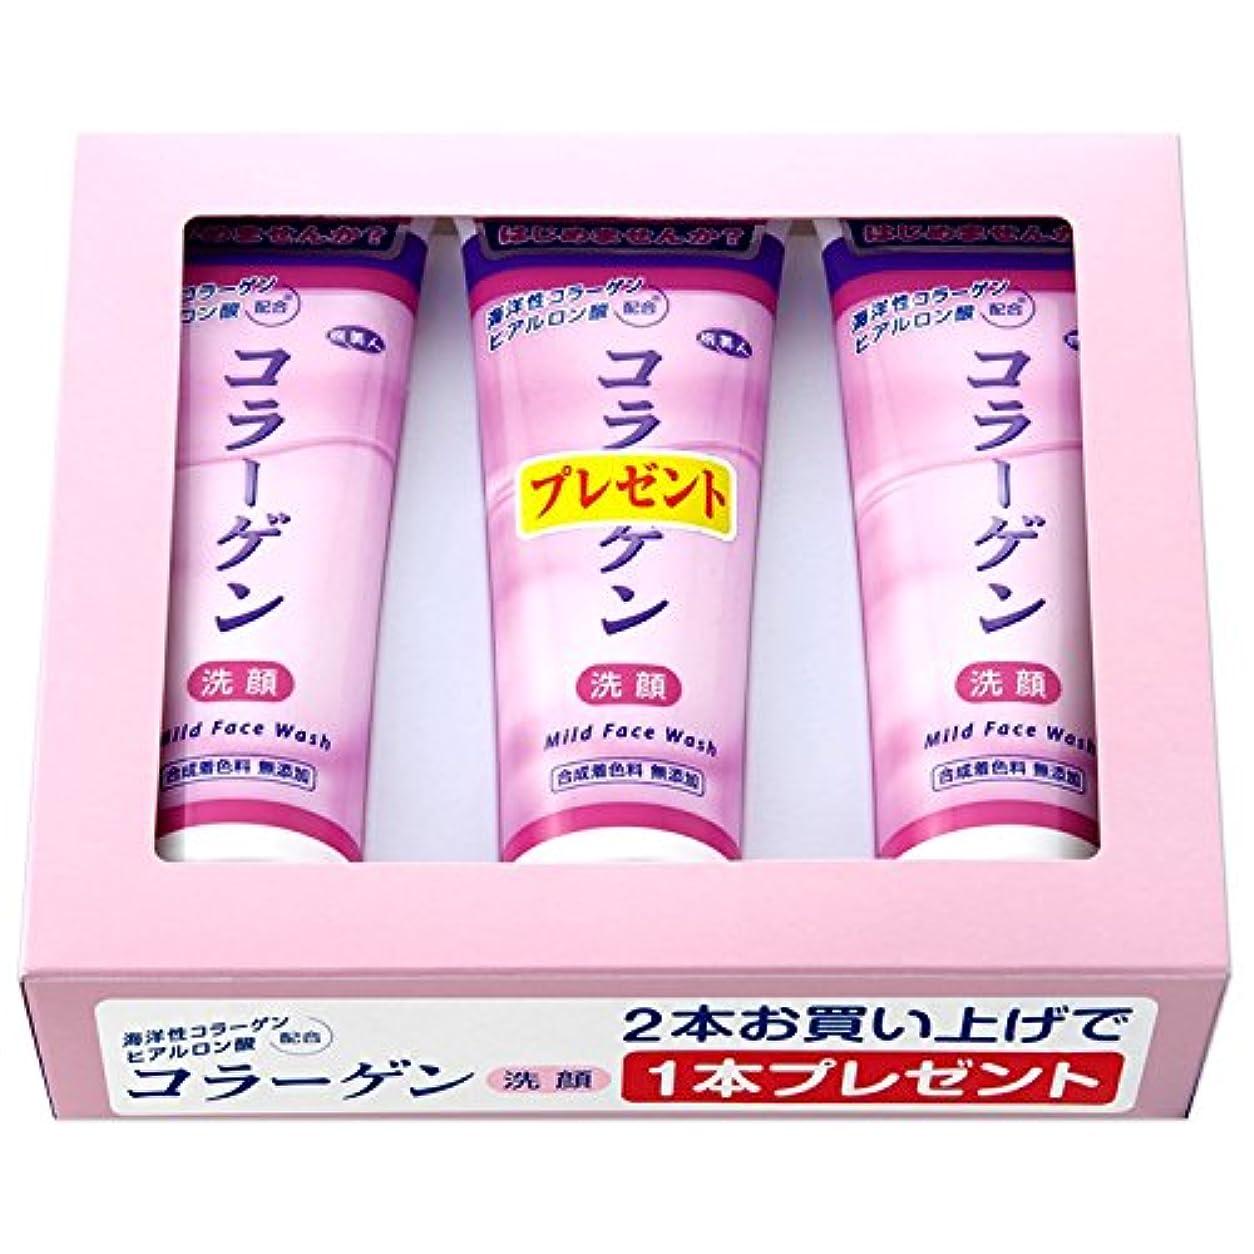 離すいわゆる汗アズマ商事の コラーゲン洗顔クリーム お得な 2本の値段で3本入りセット